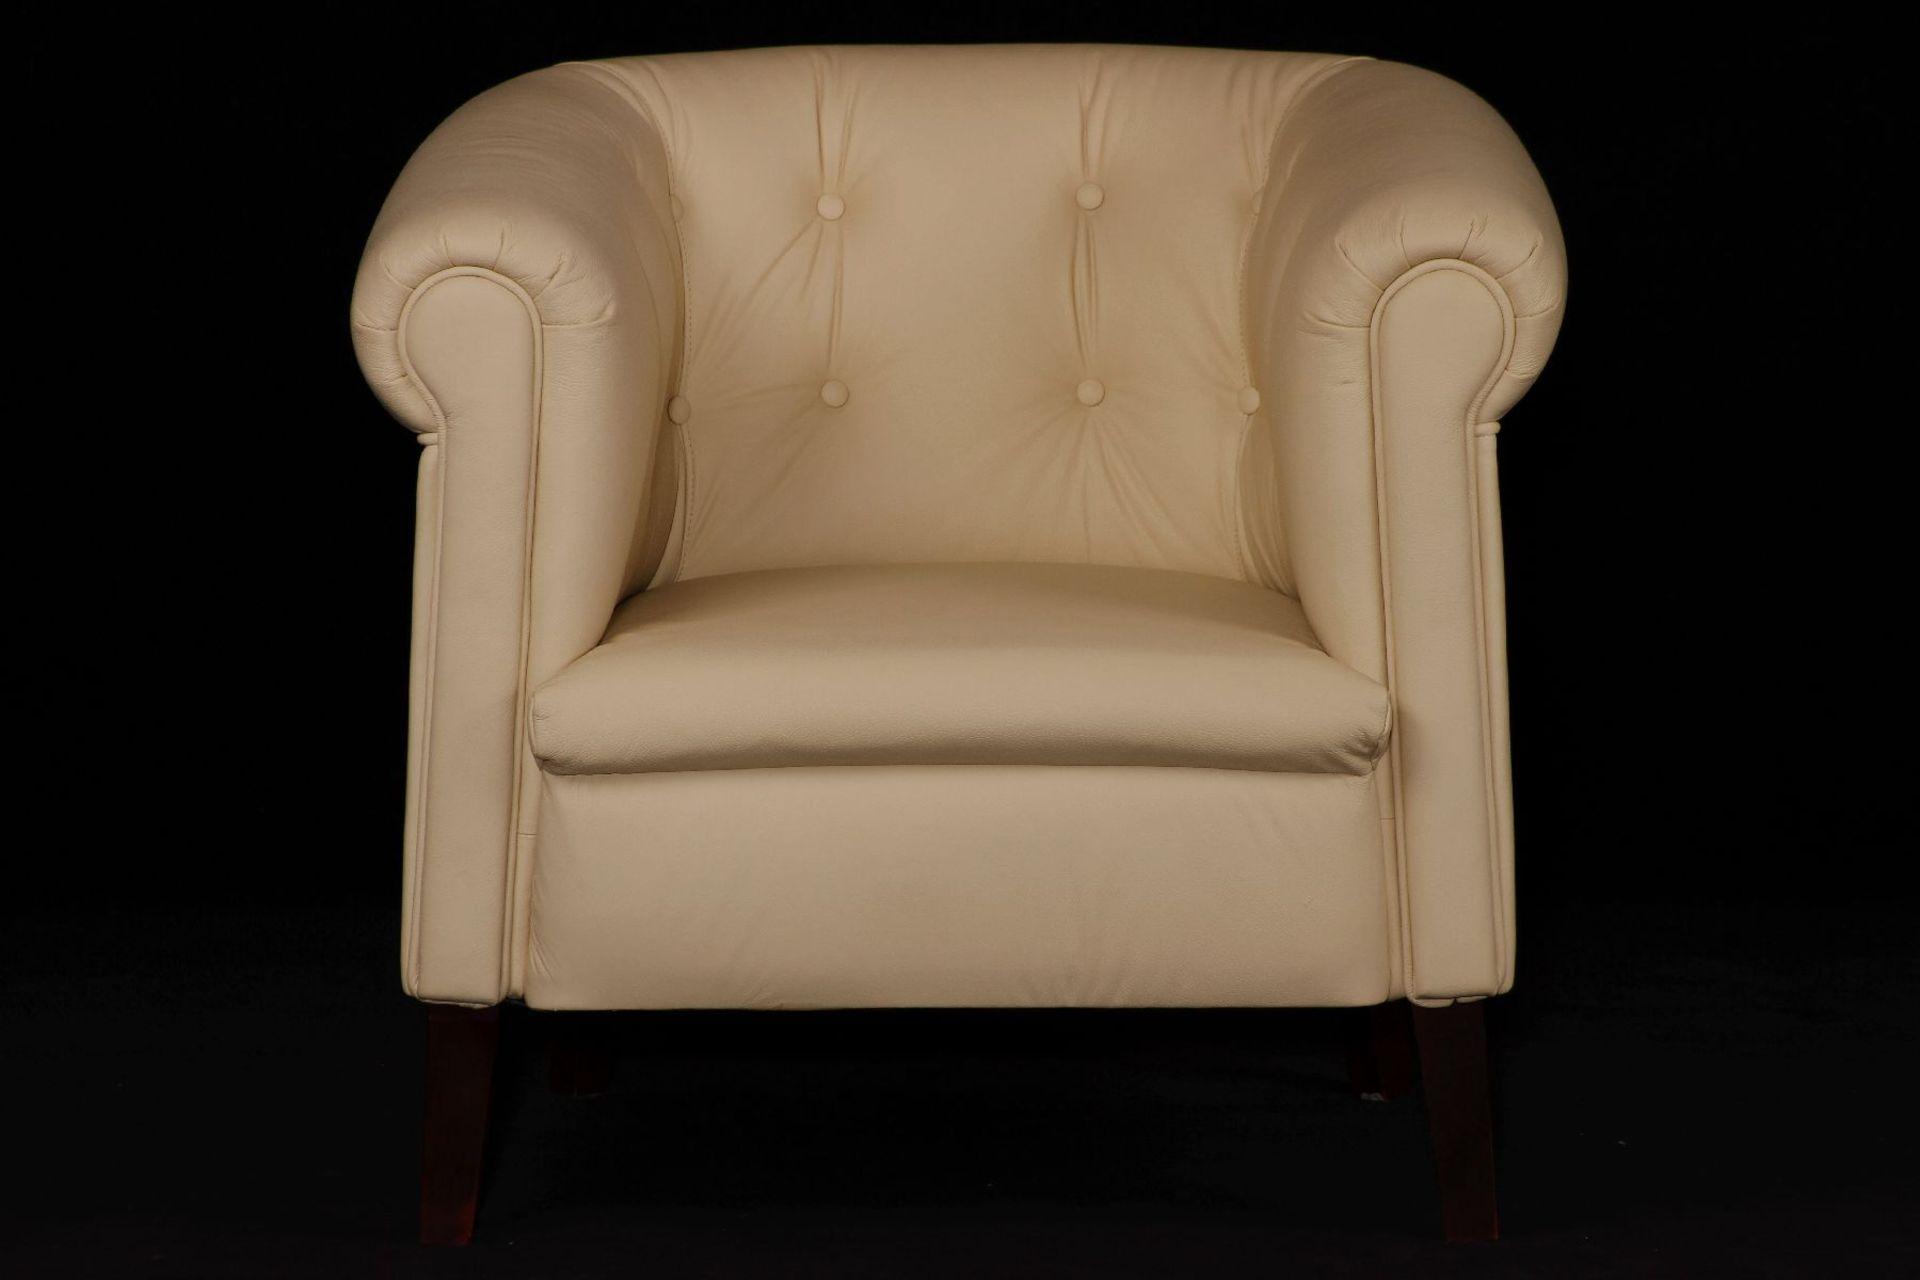 Sessel, nach engl. Vorbild gearbeitet, ausgesuchtes - Image 2 of 3